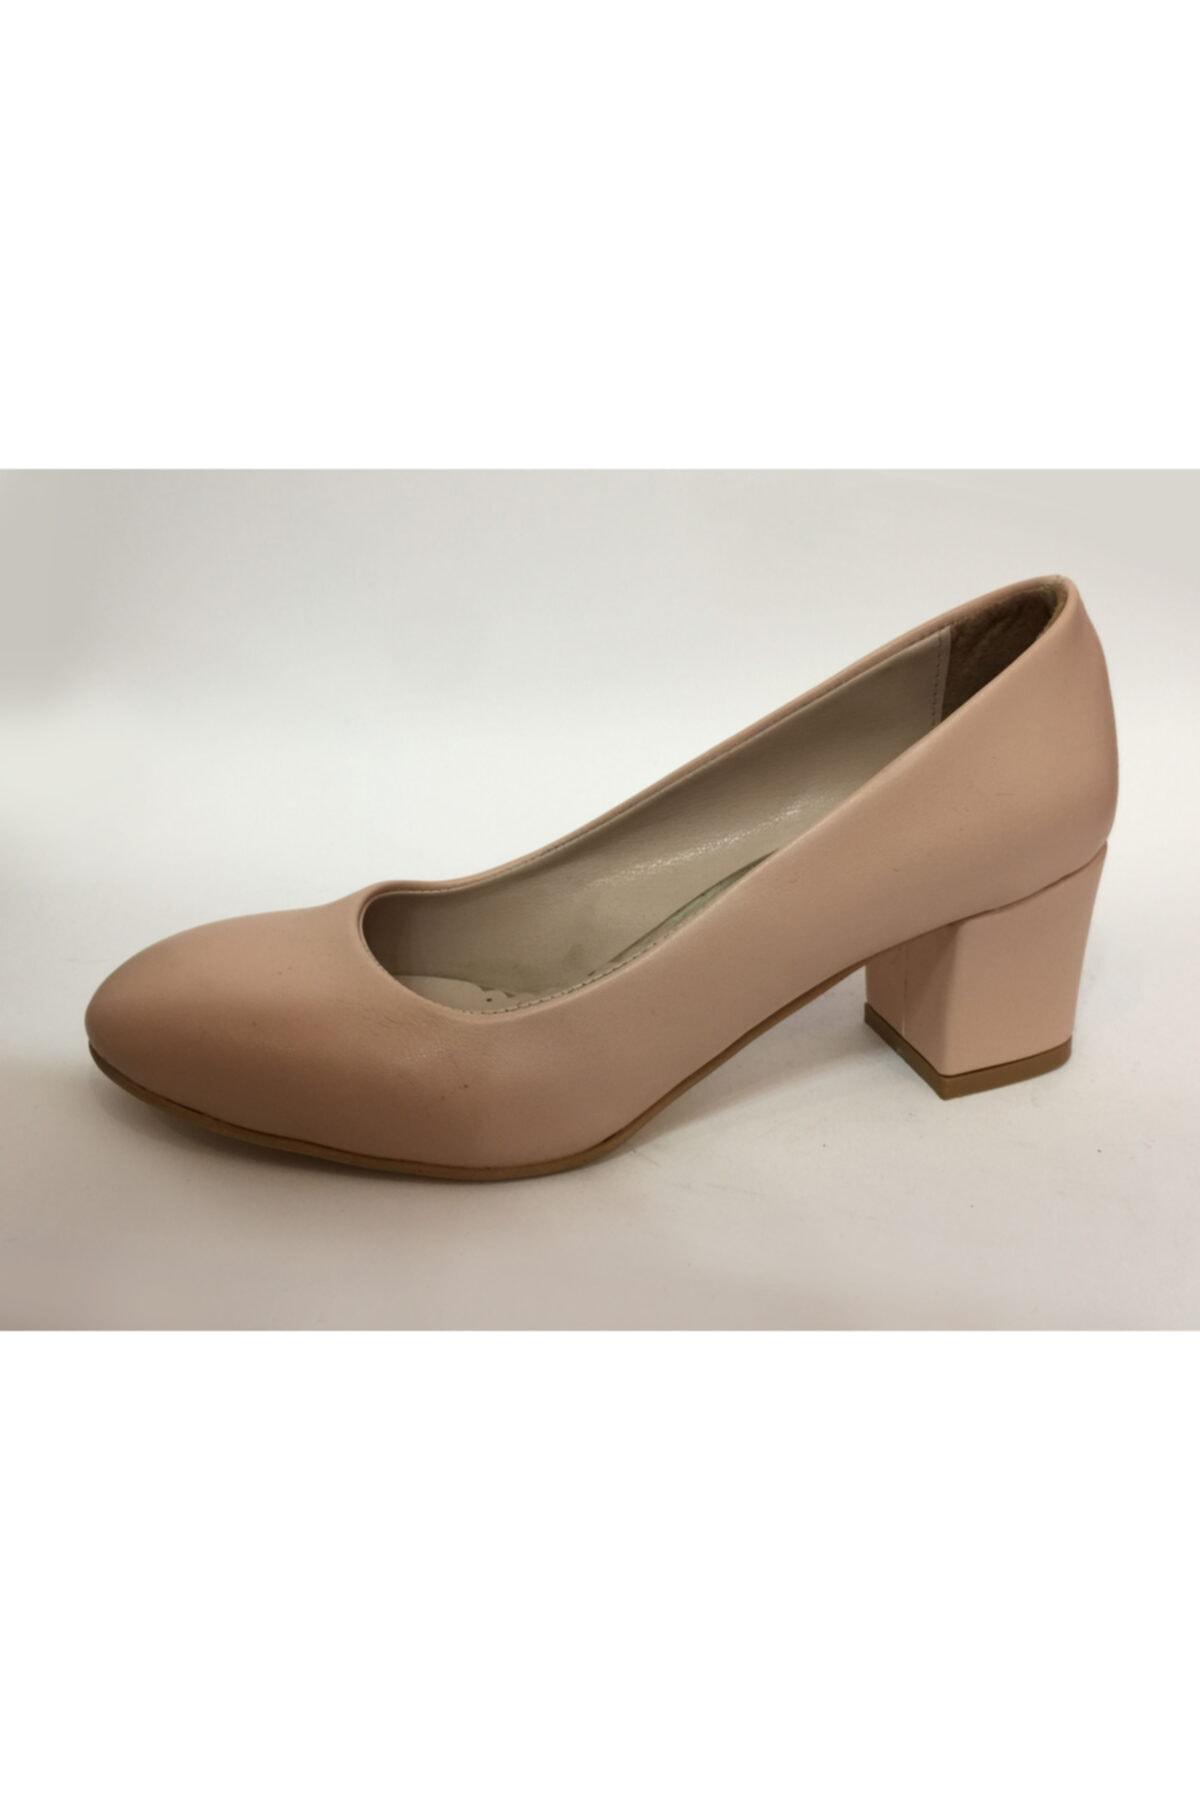 Kadın Orta Boy Kalın Topuk Yuvarlak Burun Ayakkabı